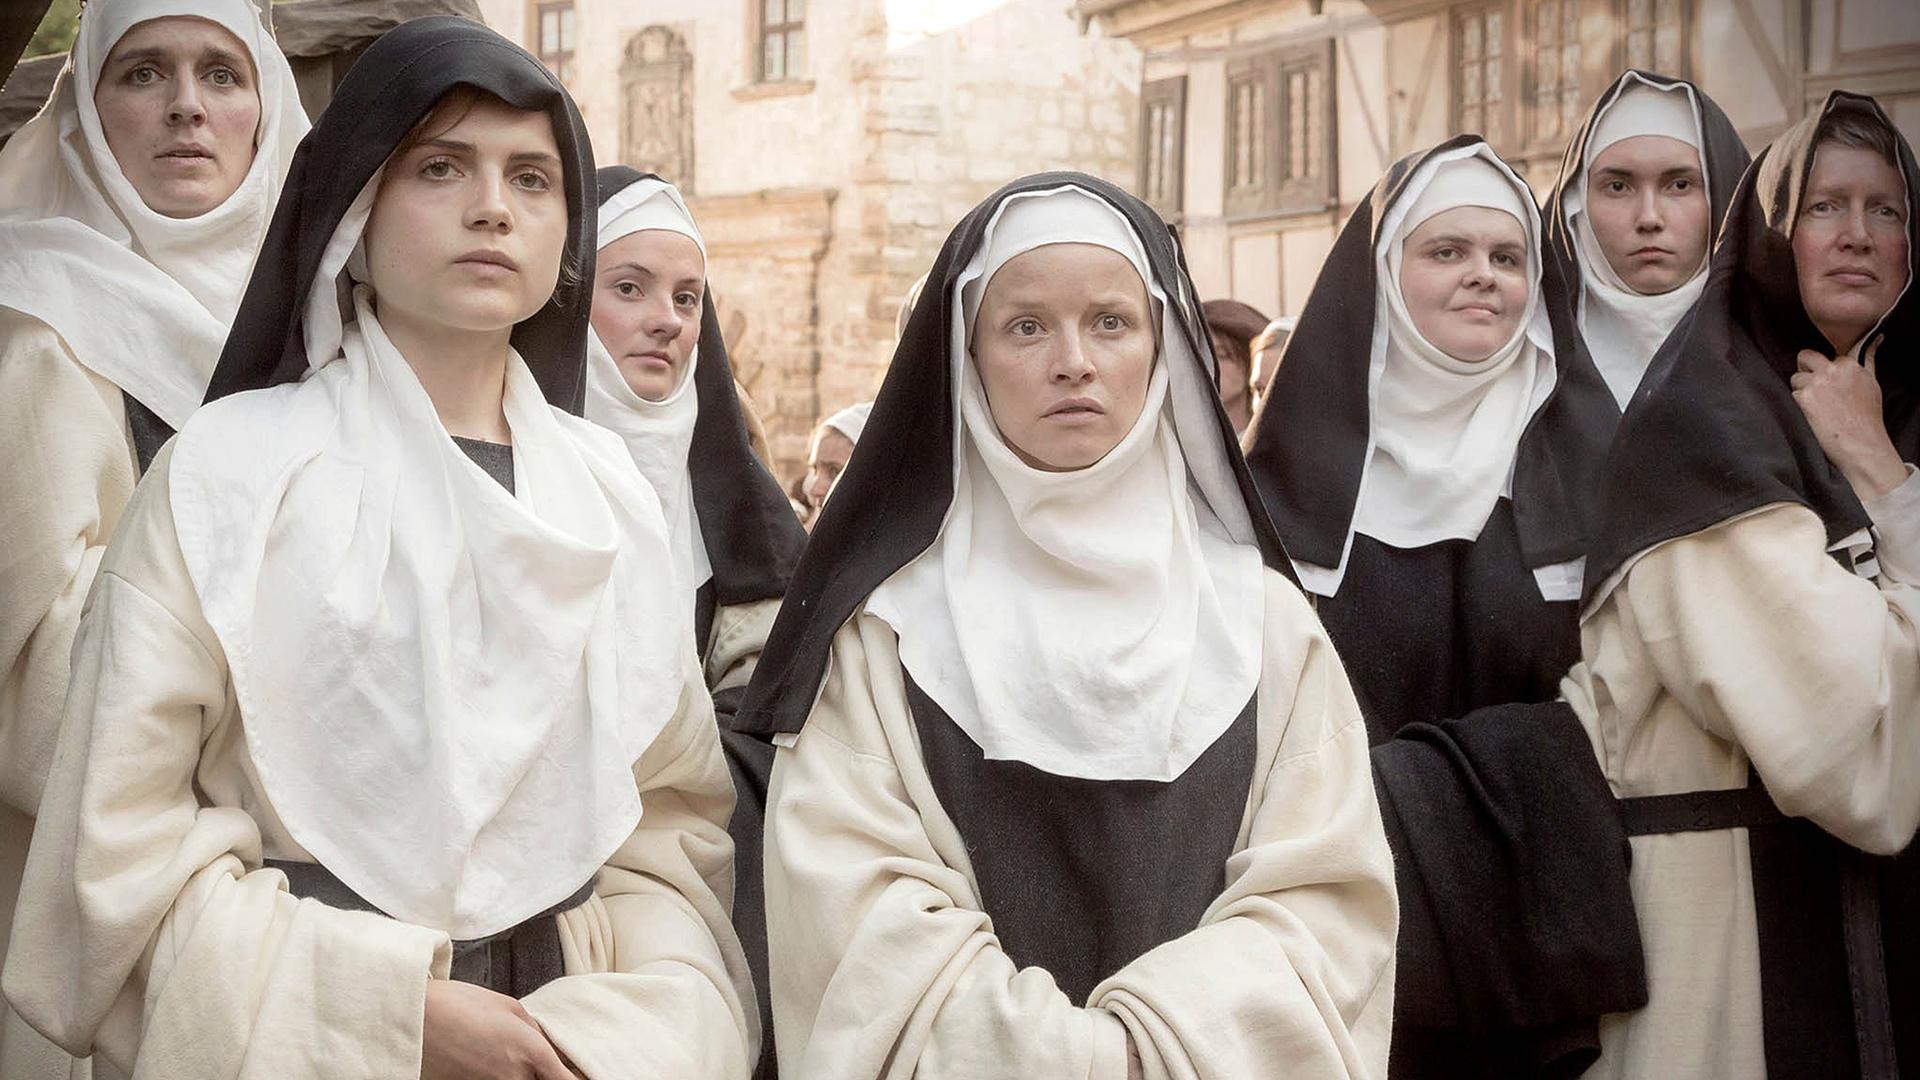 Katharina von Bora (Mitte) flieht mit anderen Nonnen auf dem Kloster, um Martin Luther zu treffen